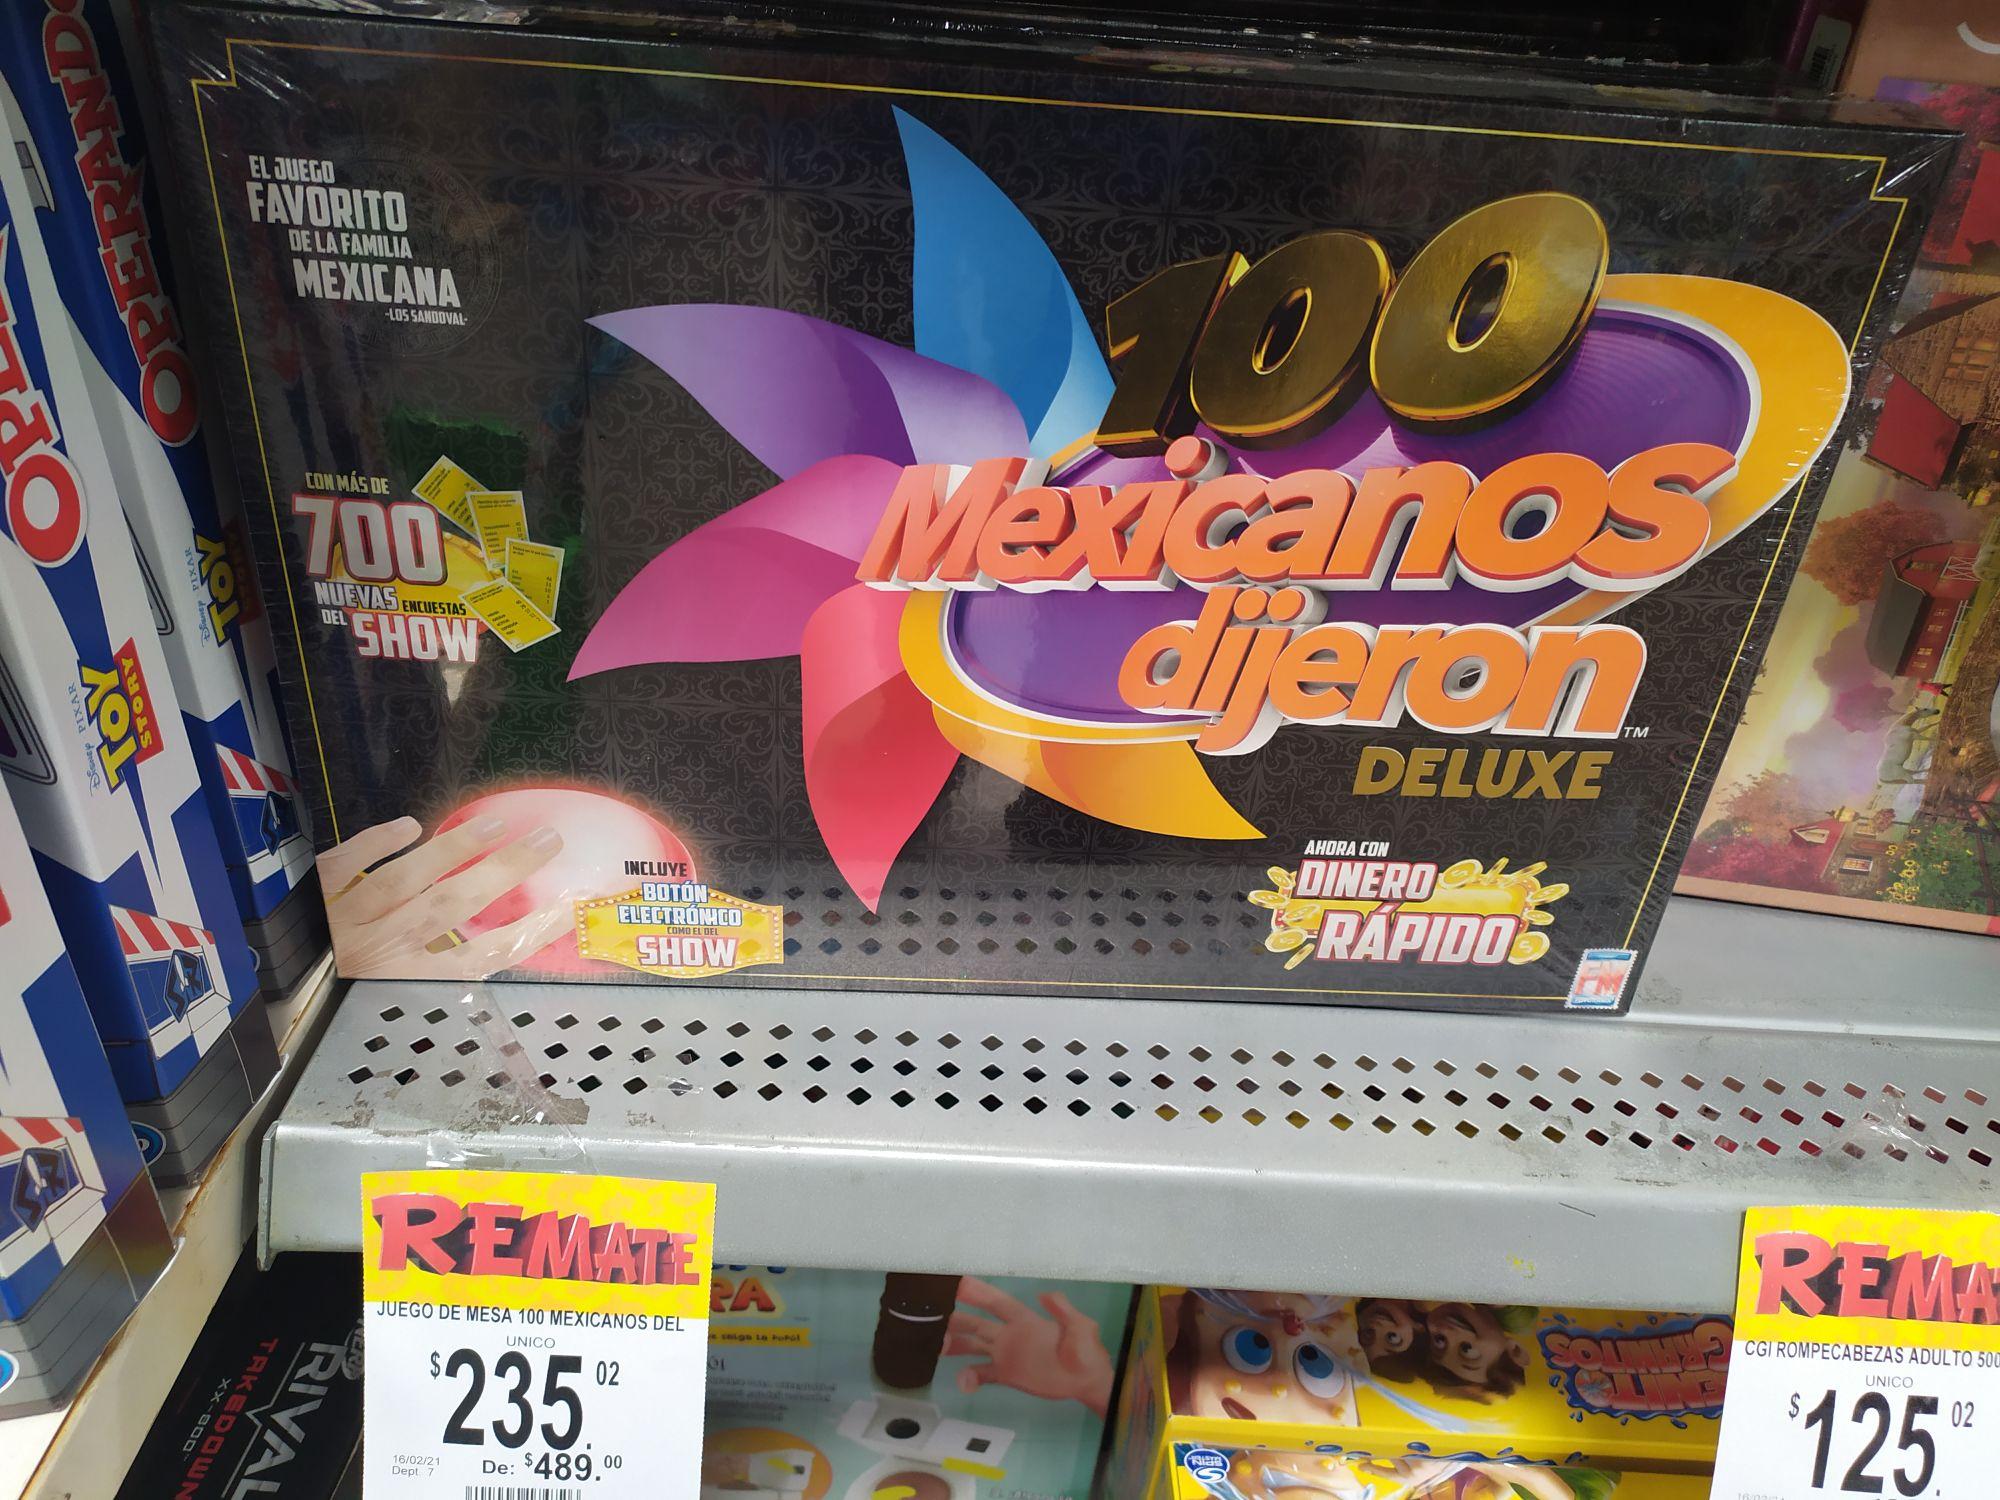 Bodega Aurrerá: 100 mexicanos dijeron Deluxe